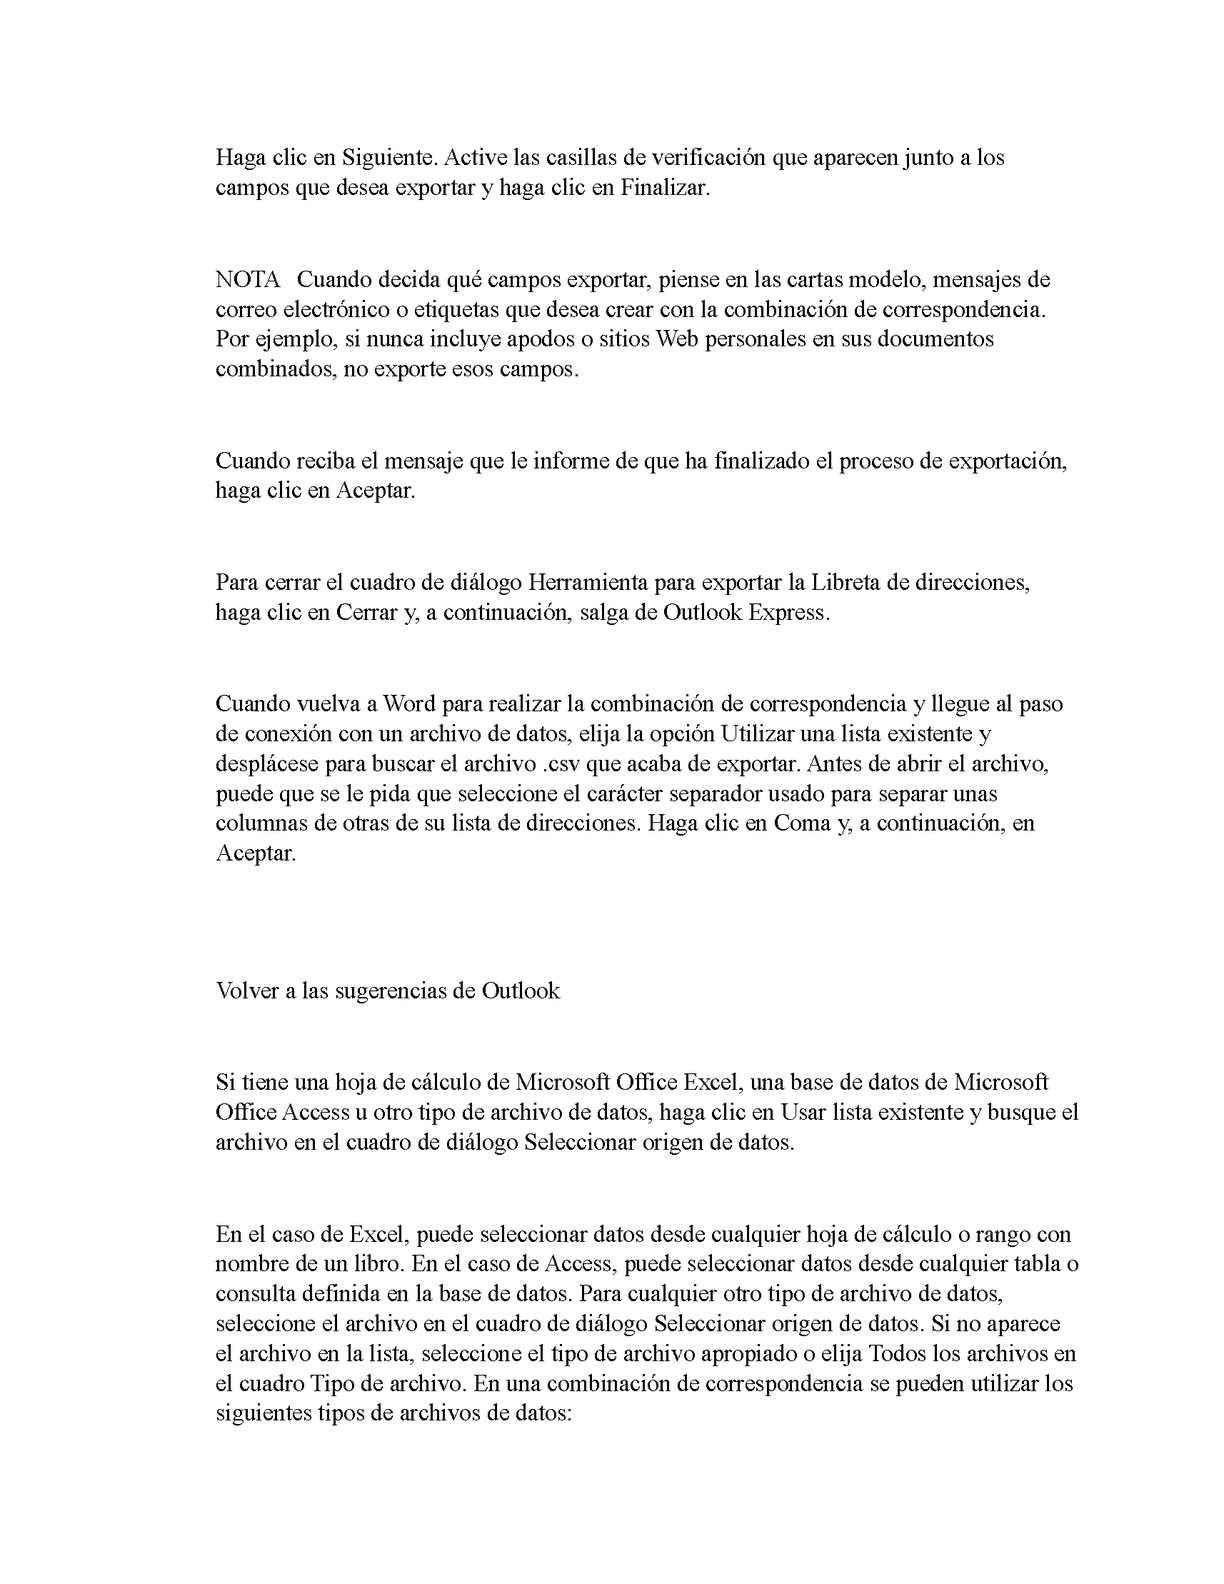 TRABAJO CON NORMAS APA - CALAMEO Downloader